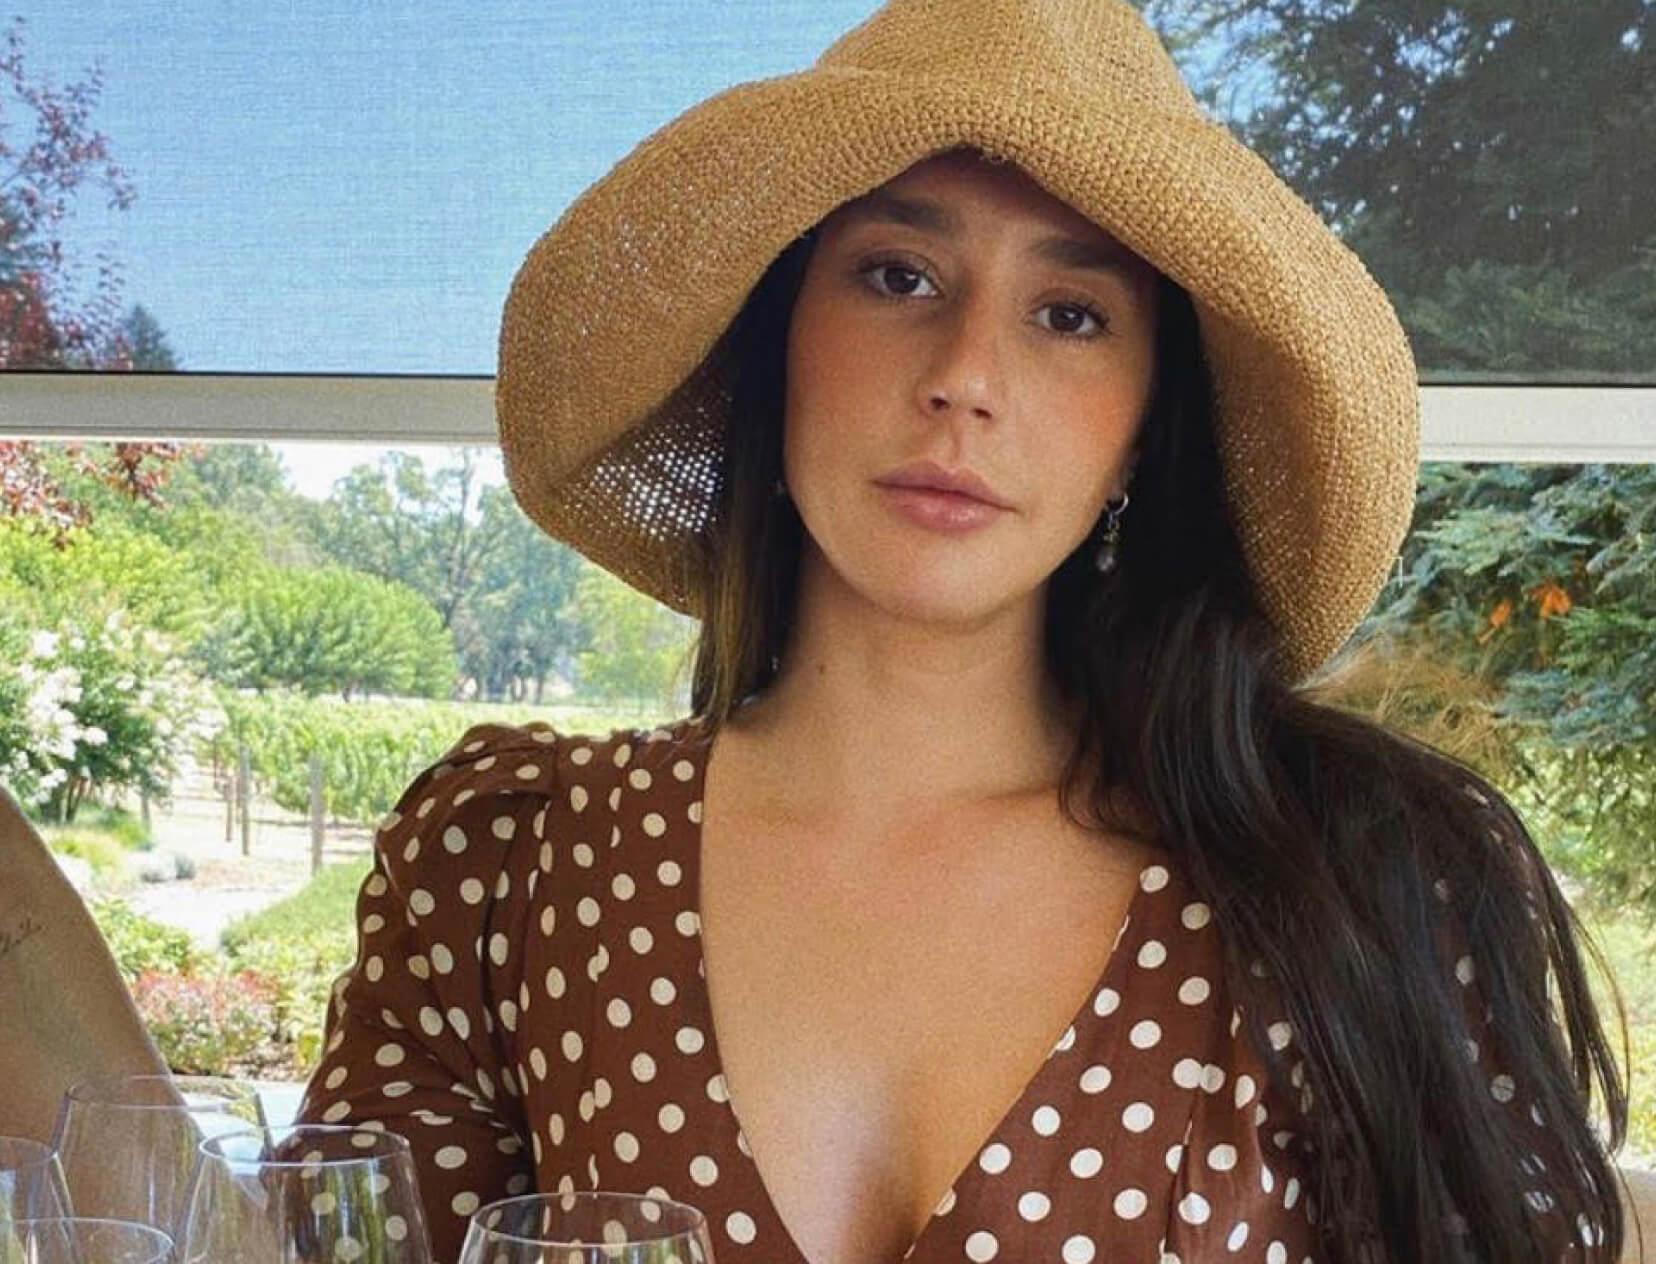 Pia Baroncini